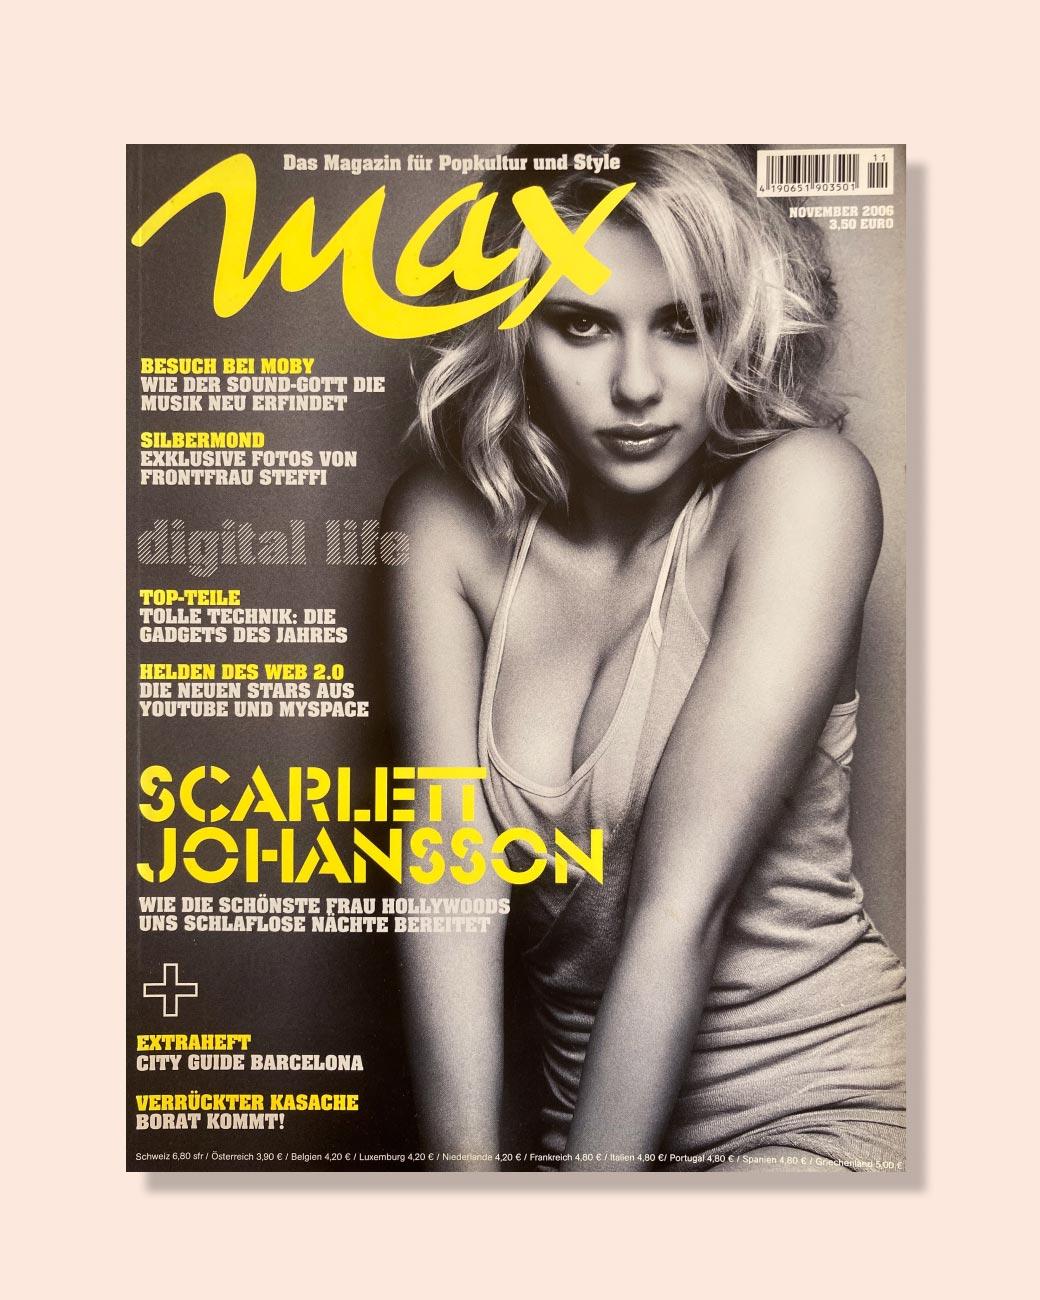 Max — das Magazin für Popkultur und Style